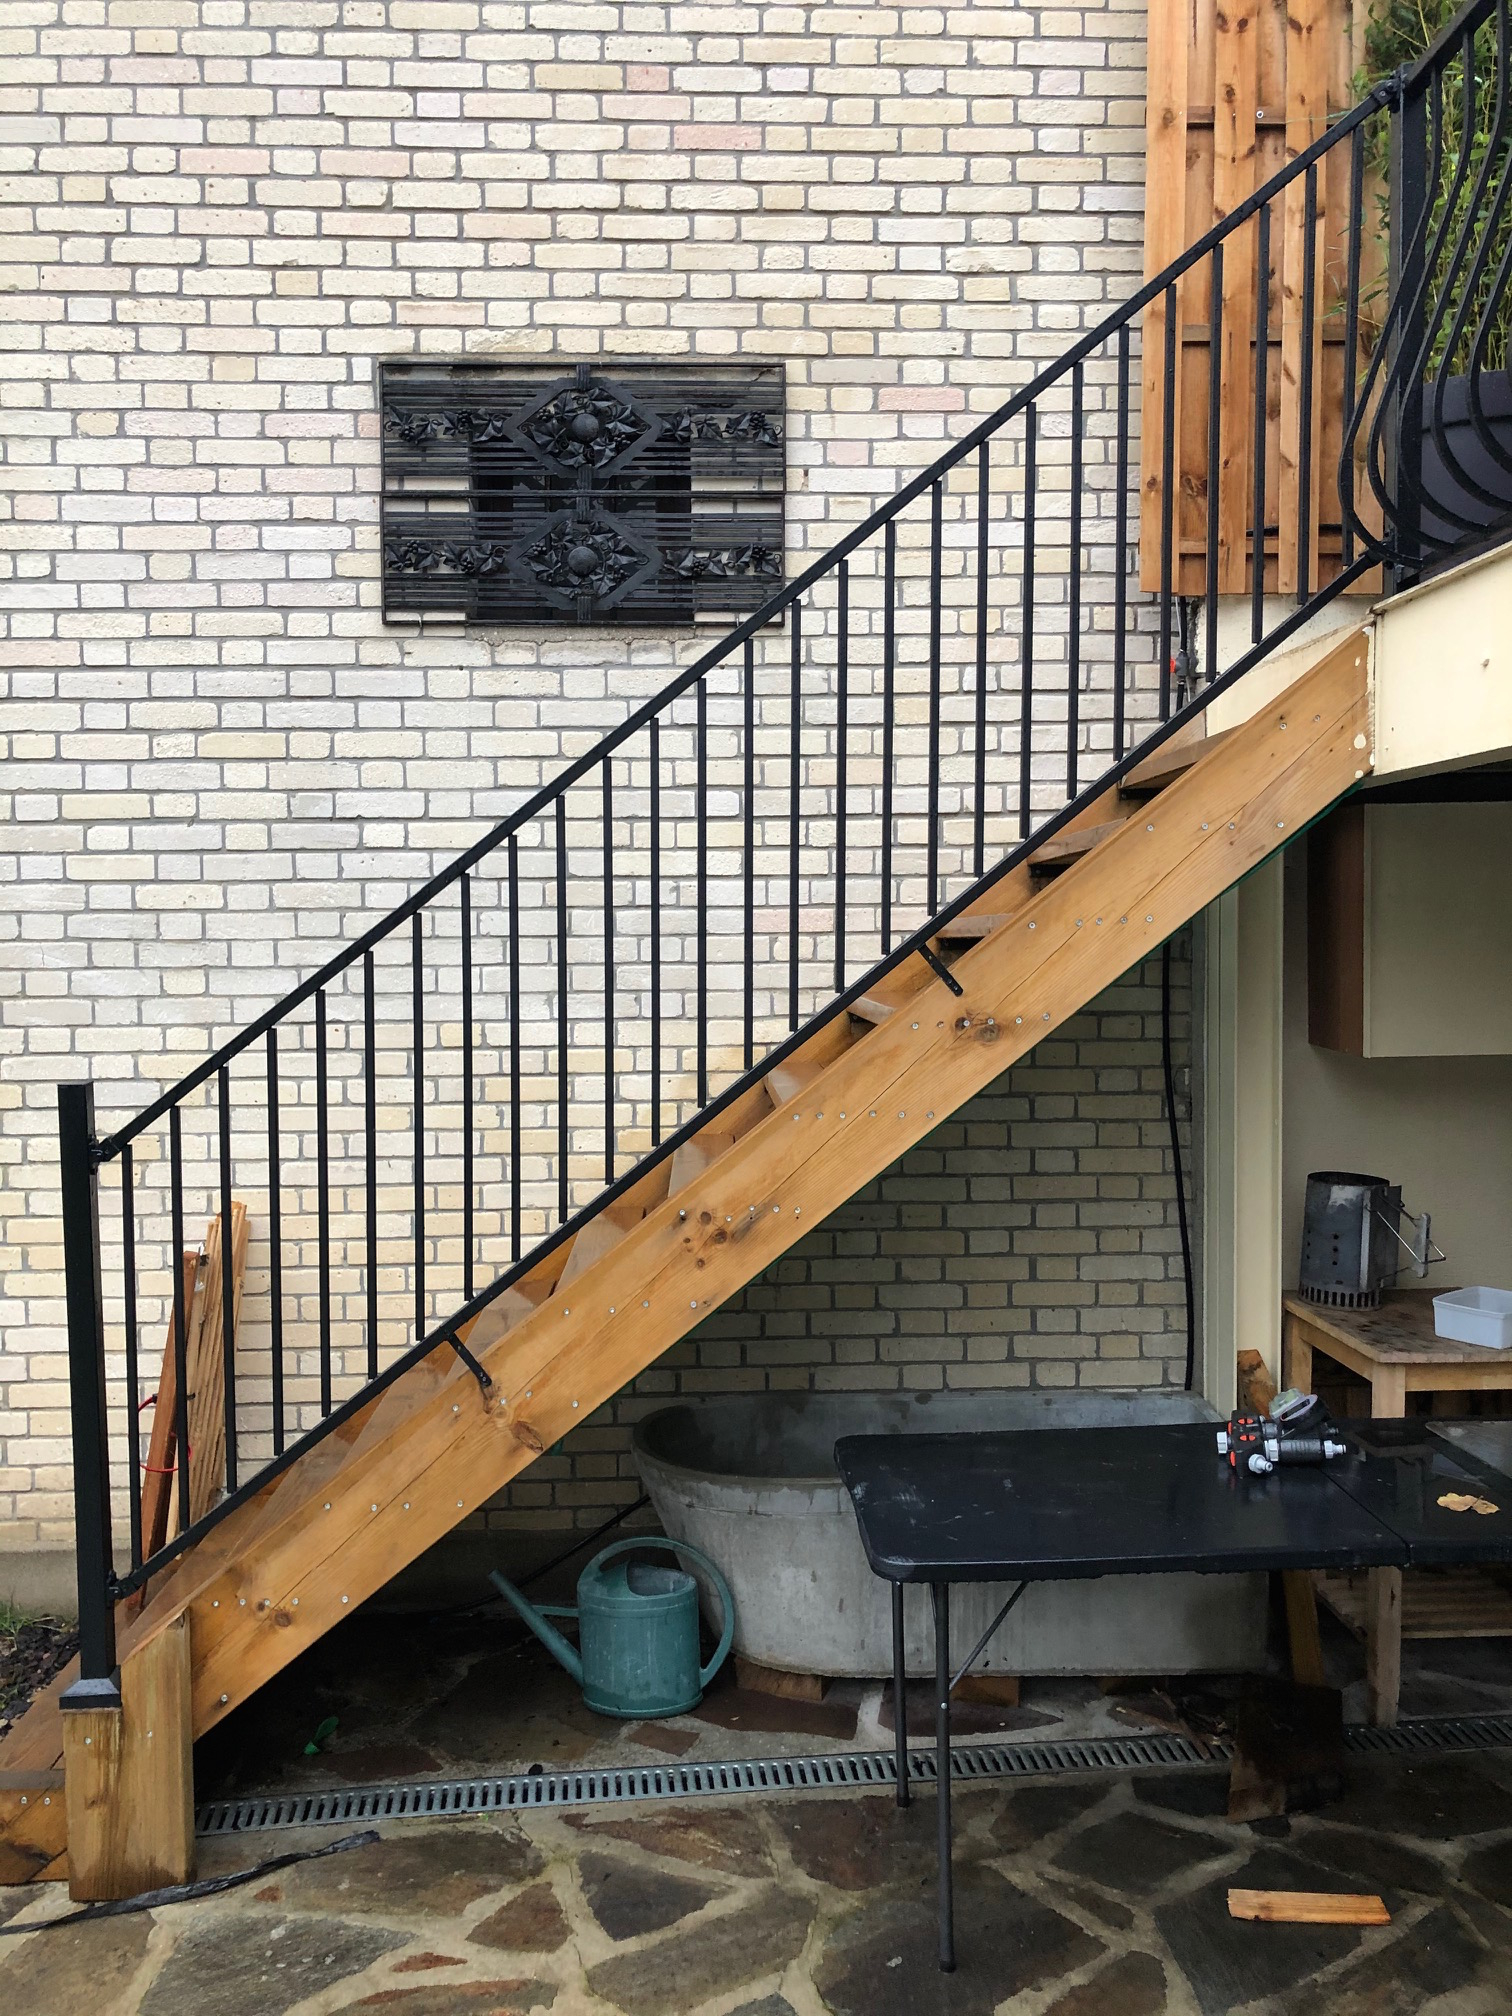 Montage et installation complète par notre client d'un garde corps pour  protection escalier réalisation à partir de notre gamme garde-corps sans soudure finiiton galvanisé et peint . Localisation Seinet et Marne